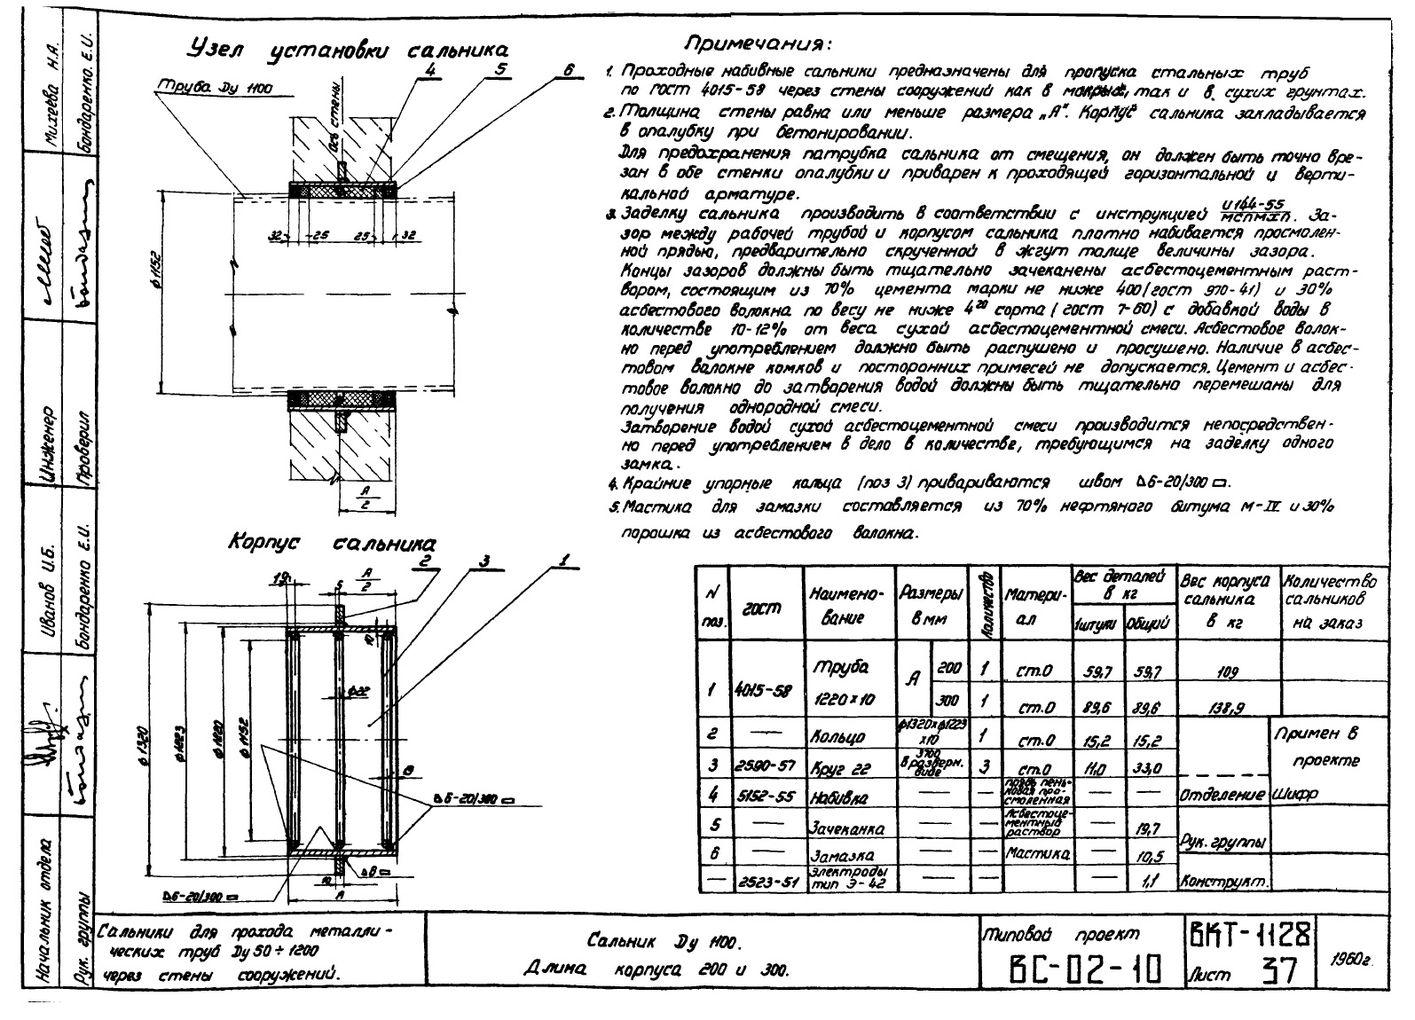 Сальники набивные L = 200 мм типовой проект ВС-02-10 стр.18